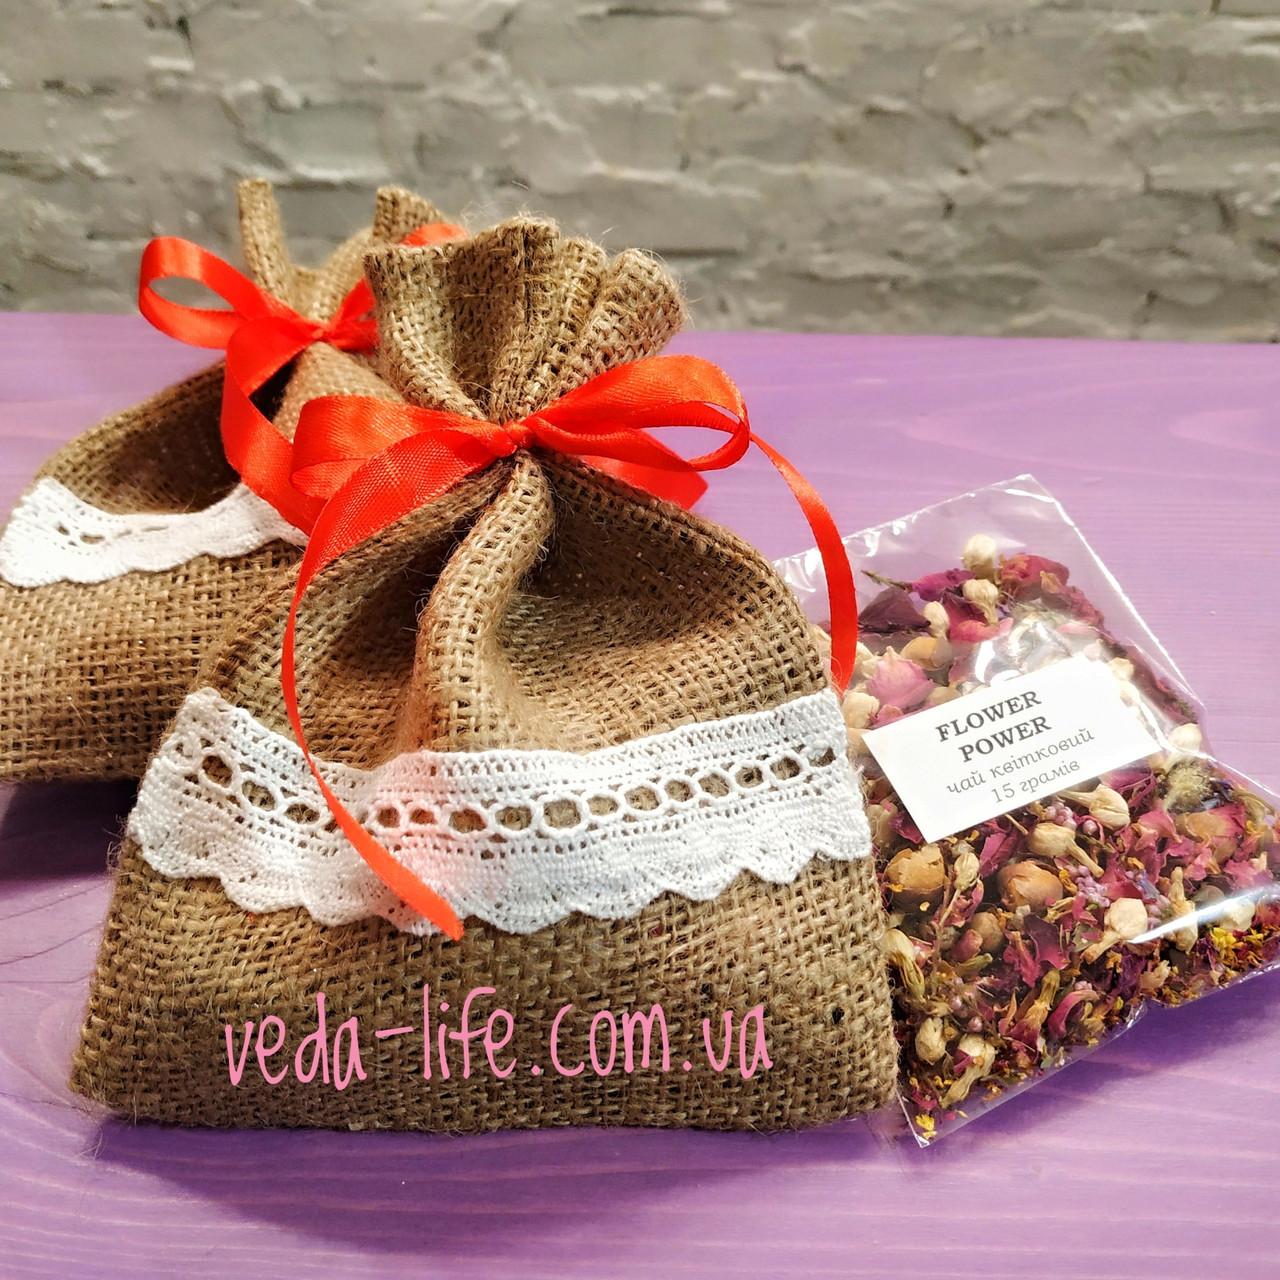 """Чай цветочный """"Сила цветов"""" в подарочном мешочке, 15 грамм. Цветочный чай для релаксации. СПА чай"""